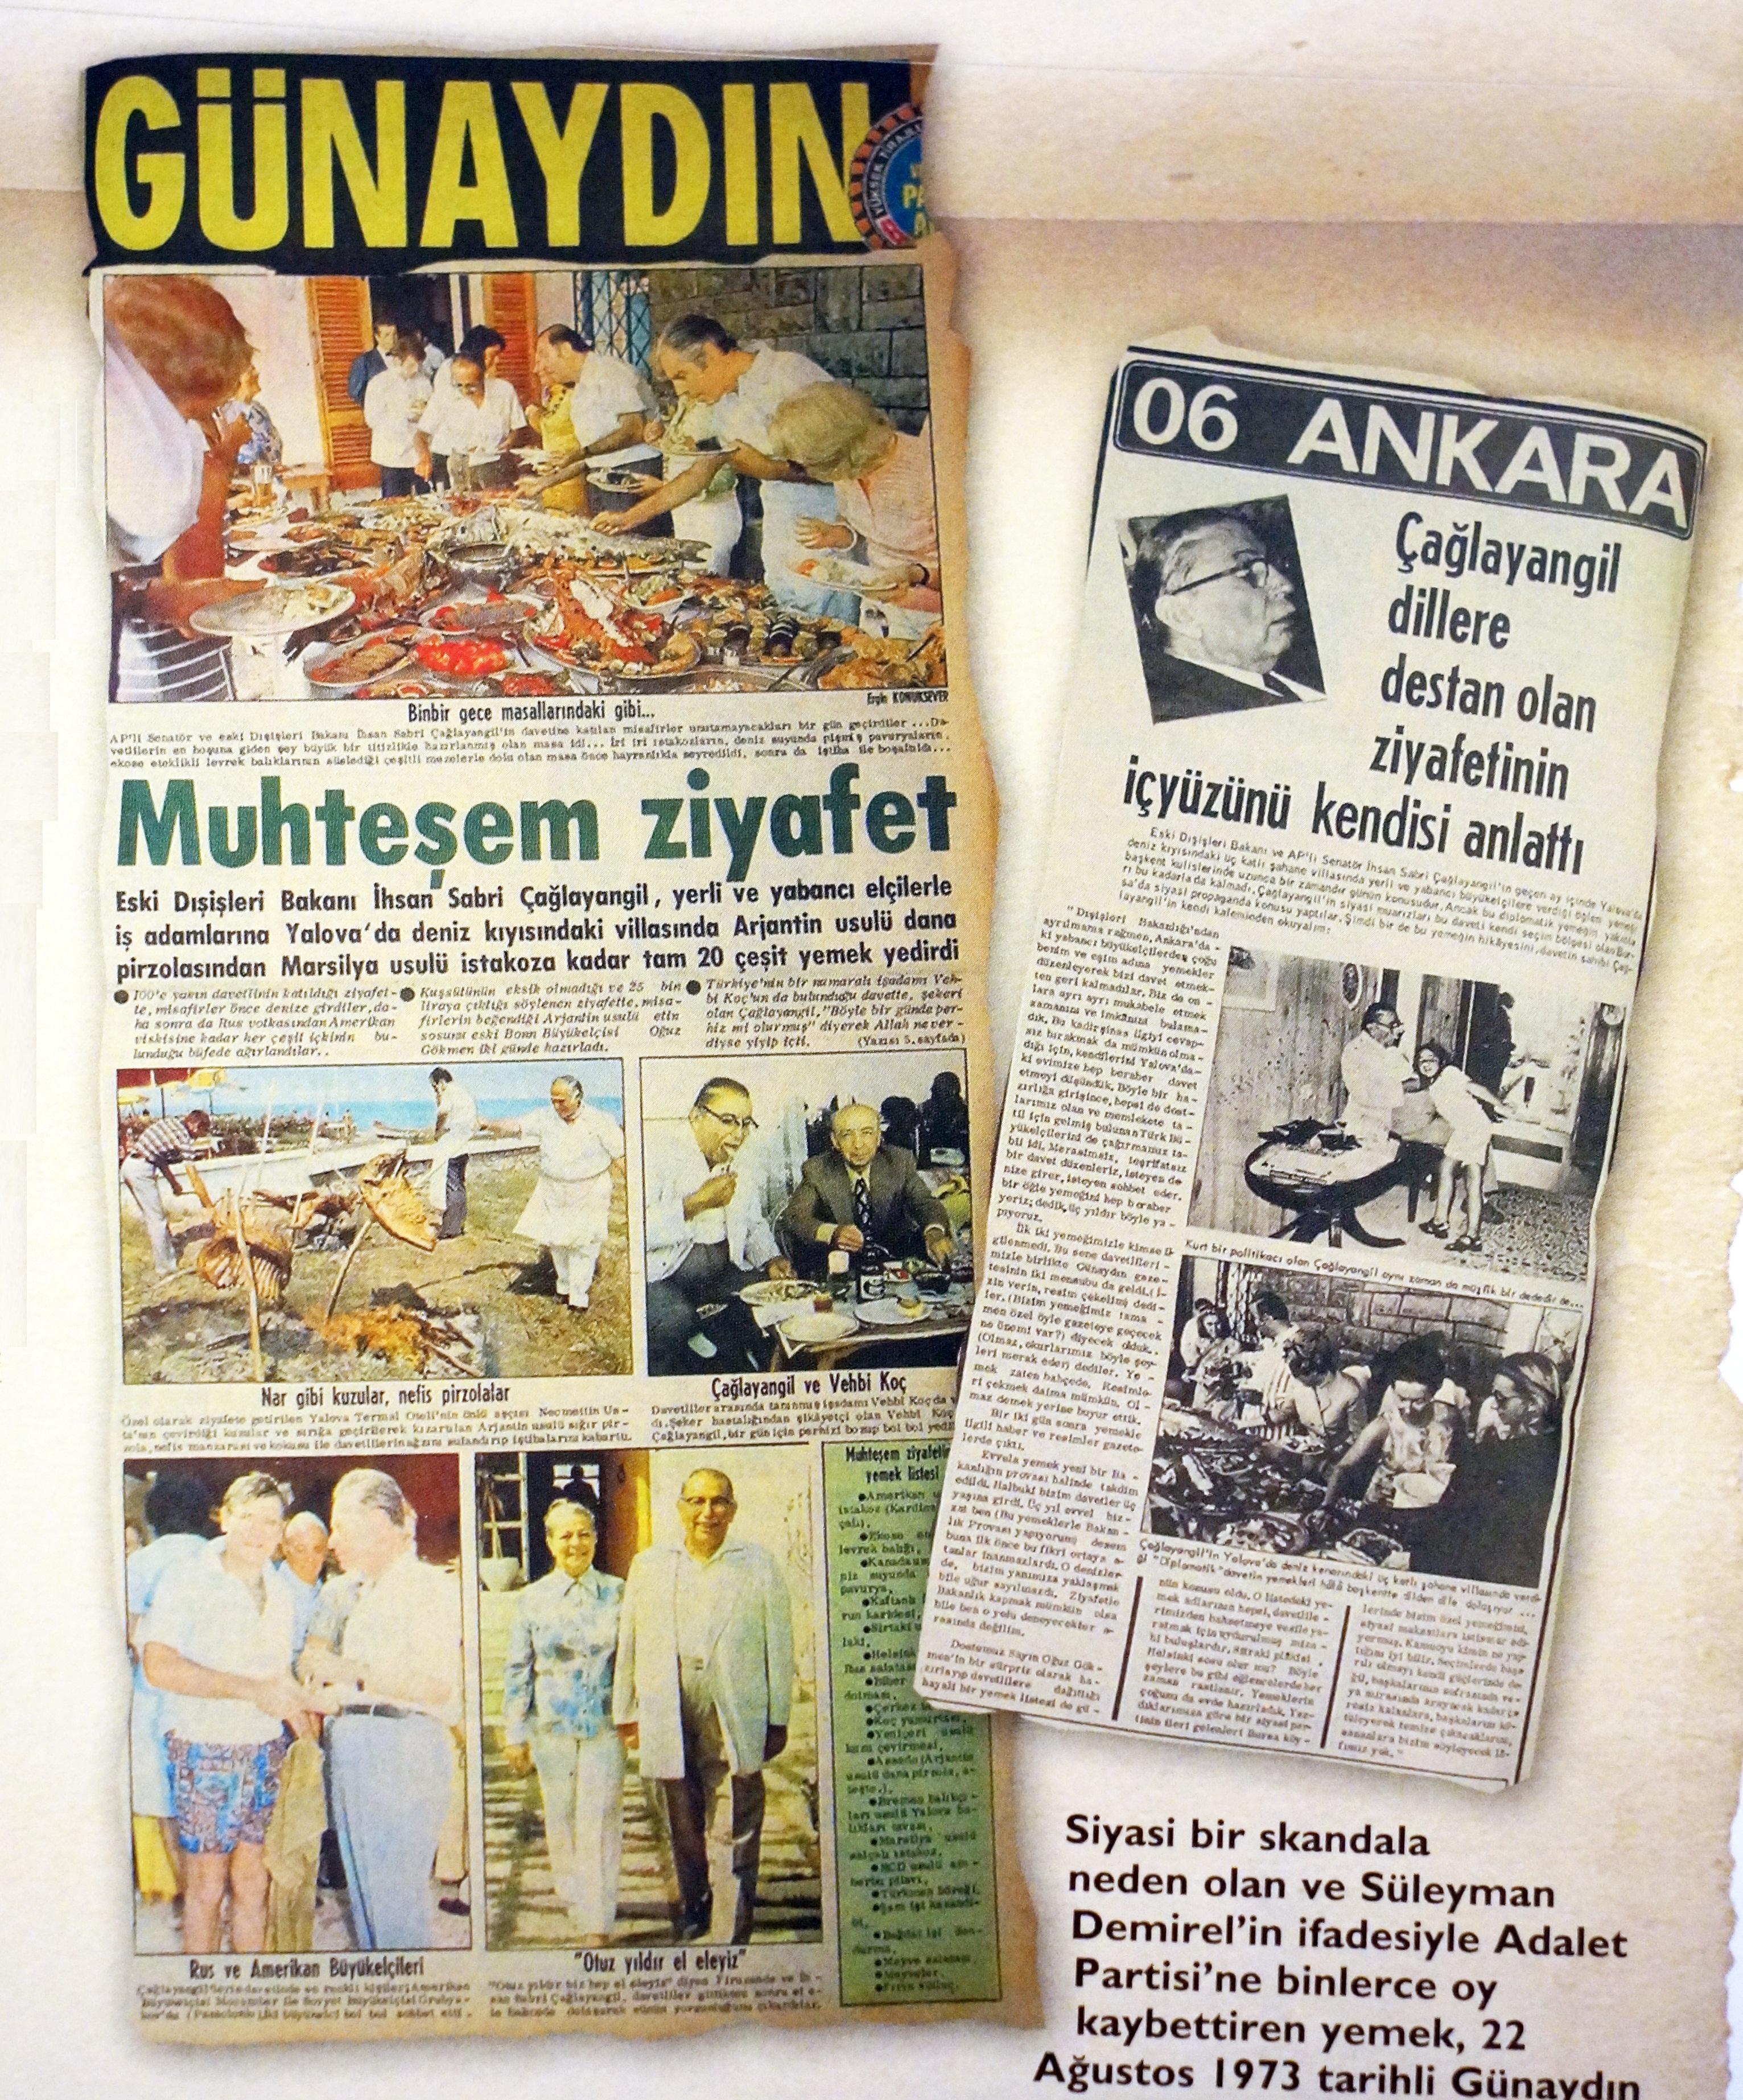 1973 yılında eski Dışişleri Bakanı'nın köşkünde verdiği ziyafet manşetlik olmuş, siyasi tarihimize geçmişti.